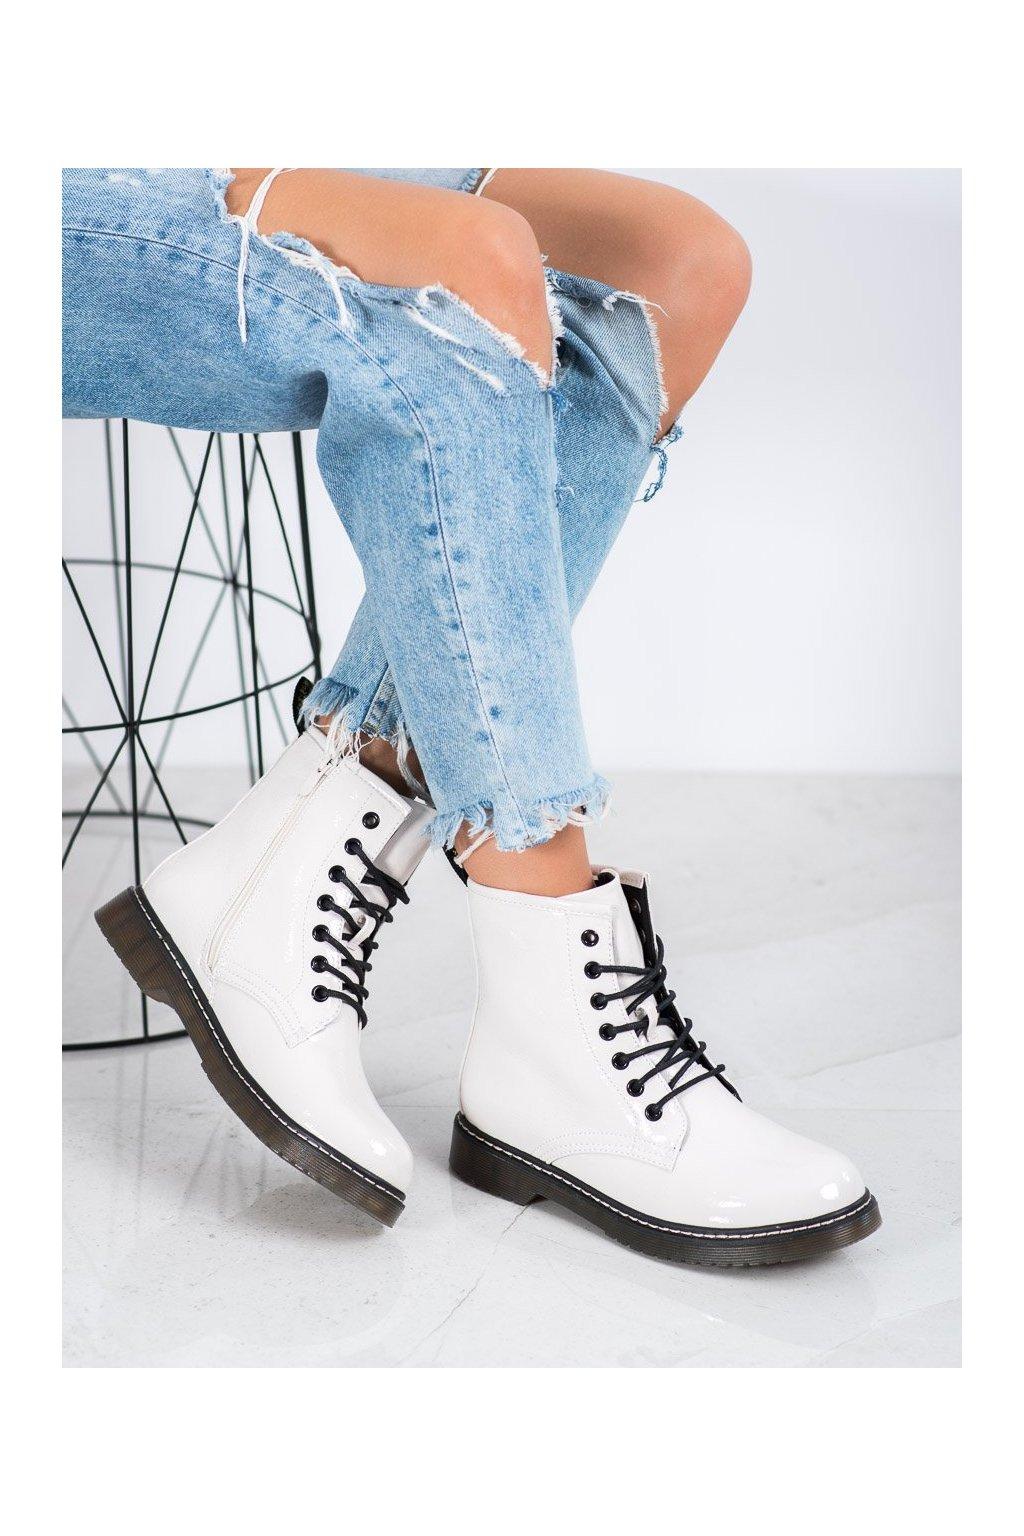 Biele dámske topánky Evento kod 20BT35-3001W